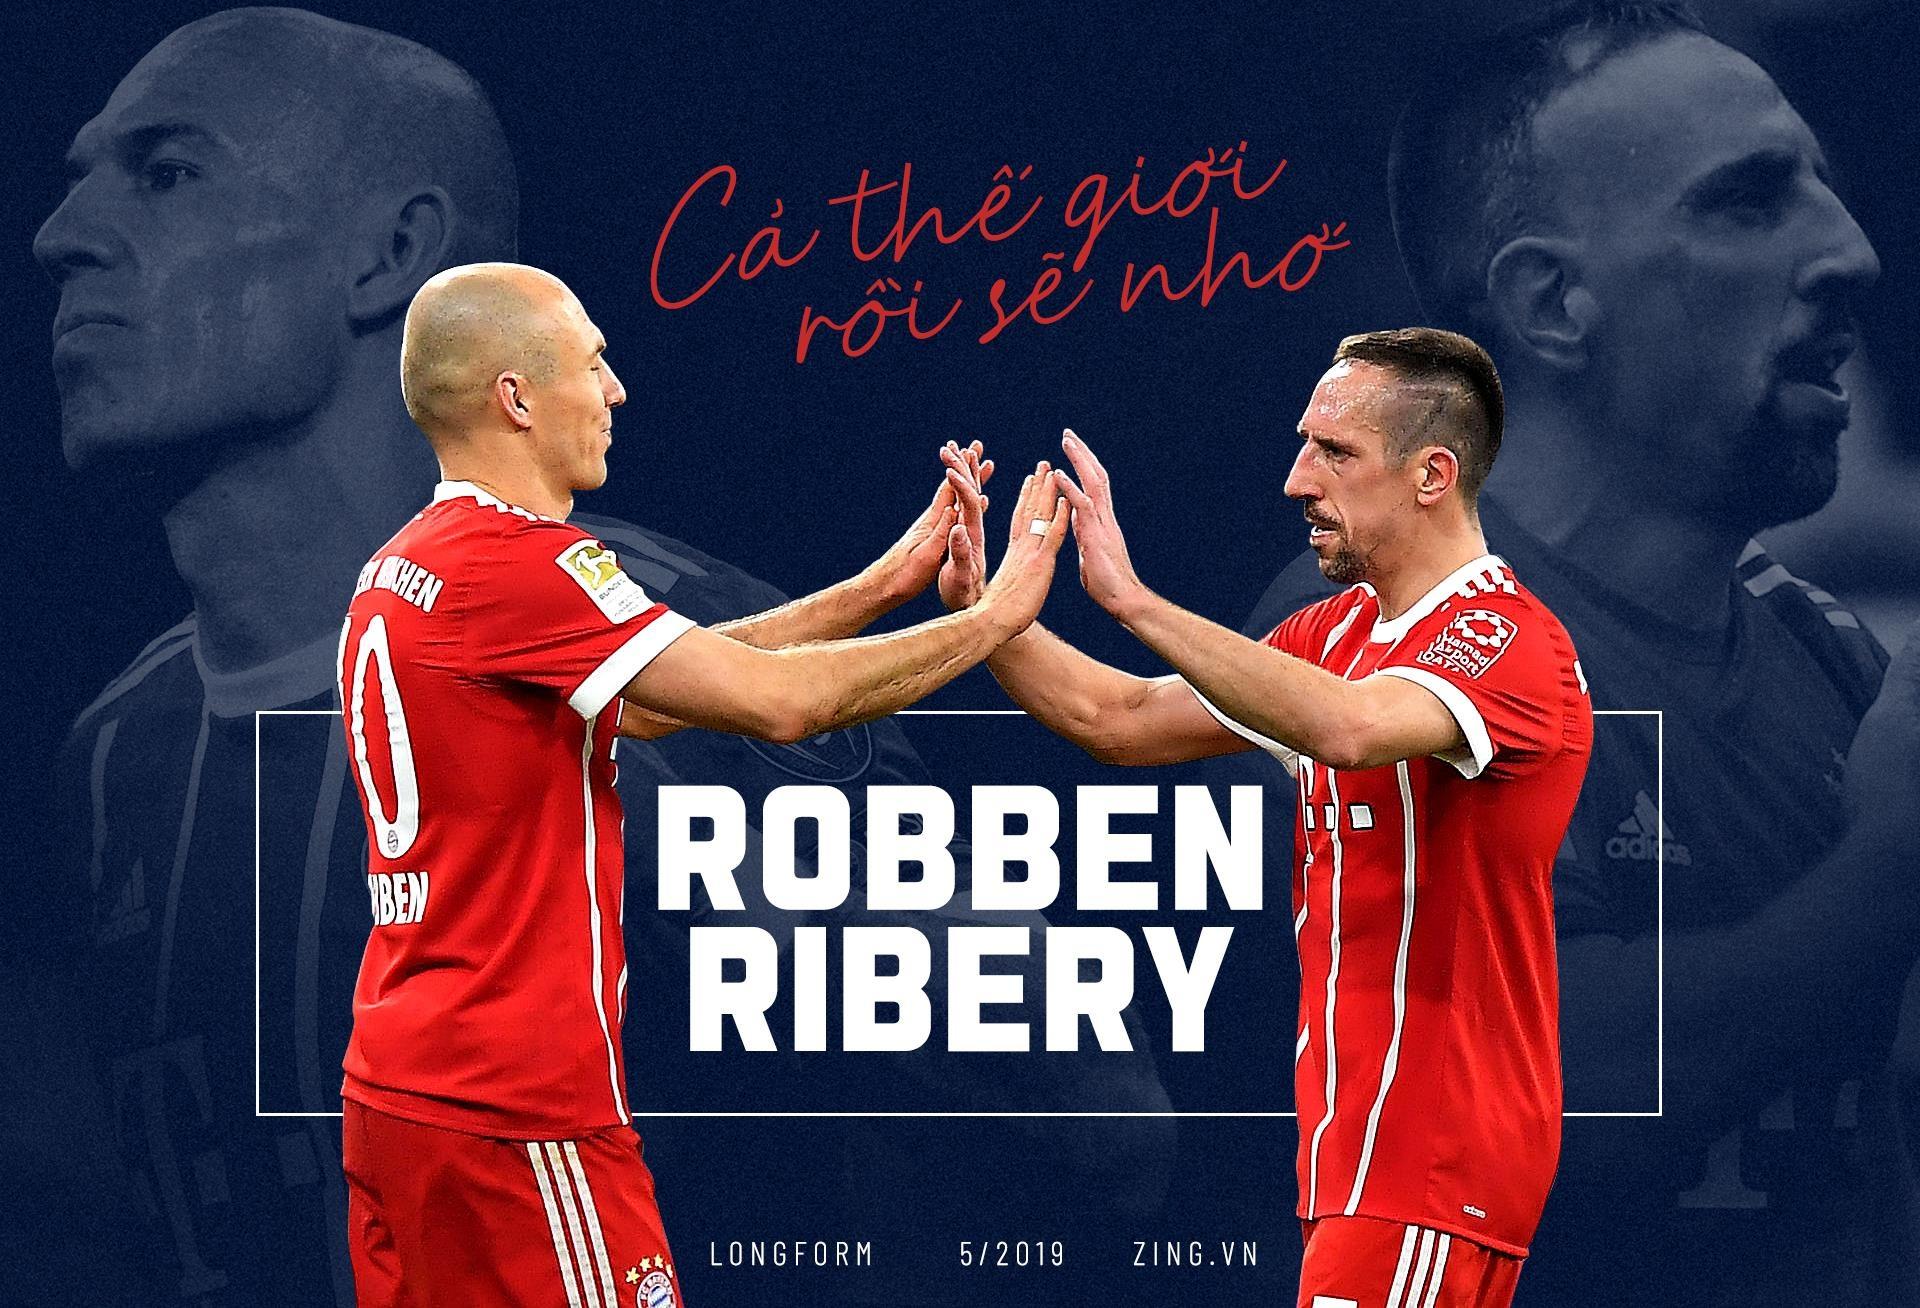 Robben Ribery chia tay Bayern anh 2